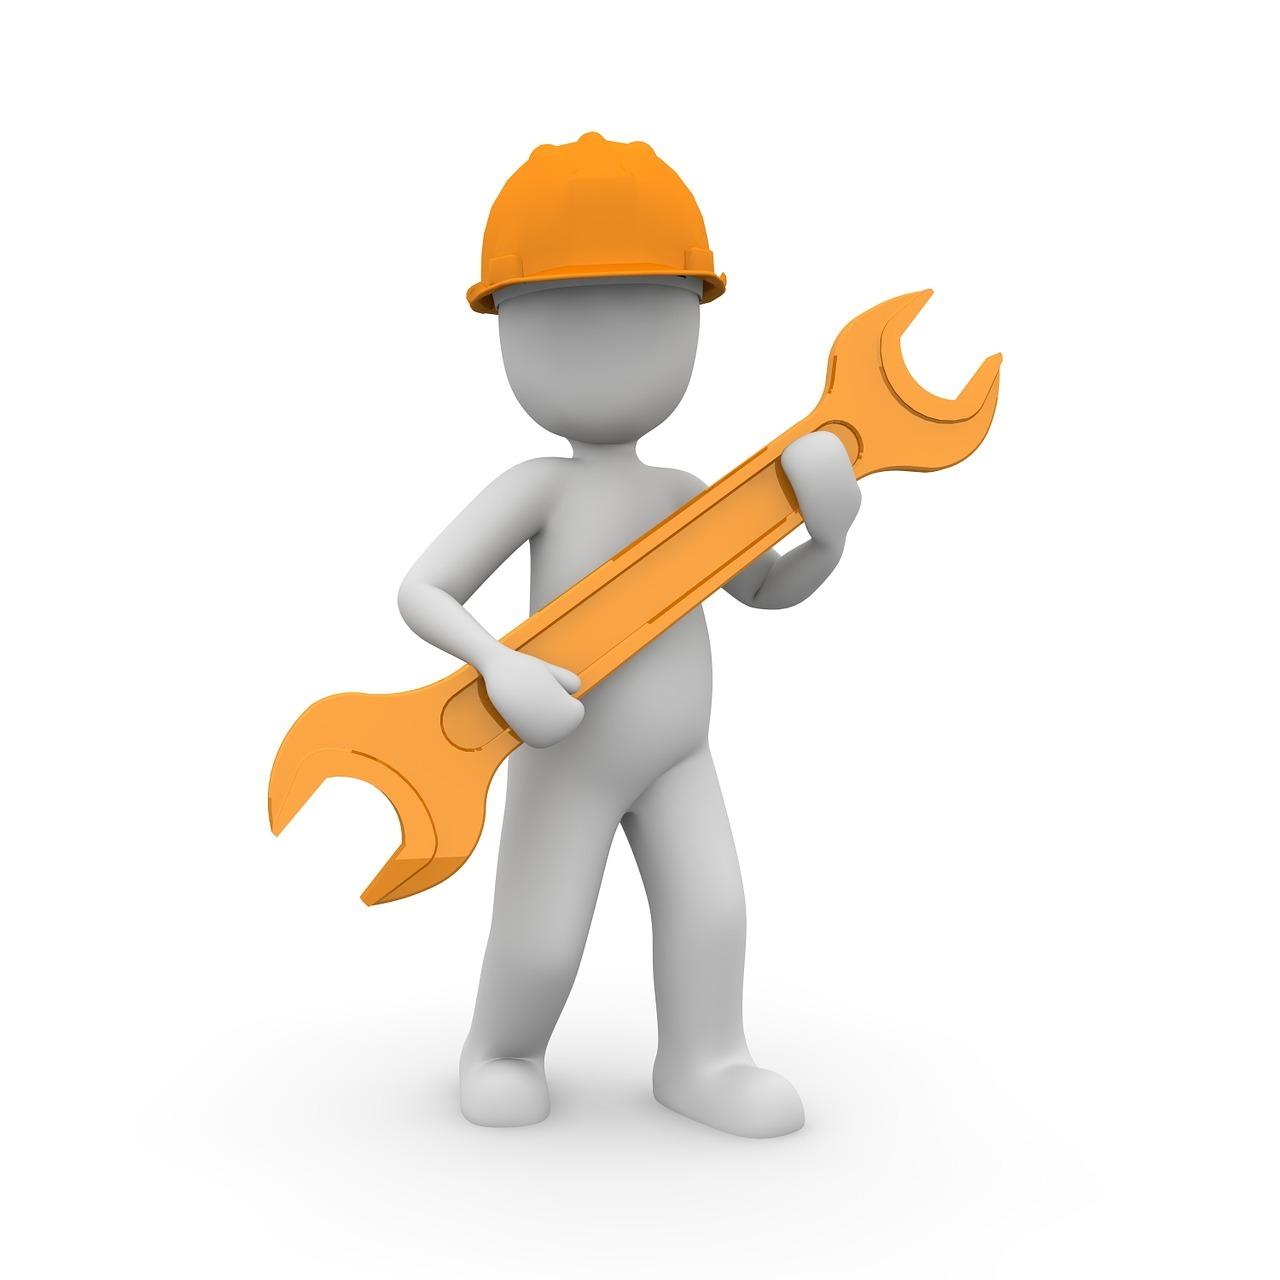 Ilmalämpöpumpun asentamiseen tulisi käyttää pätevää asennusliikettä, mikäli haluaa välttää ongelmat mm. takuukysymyksissä